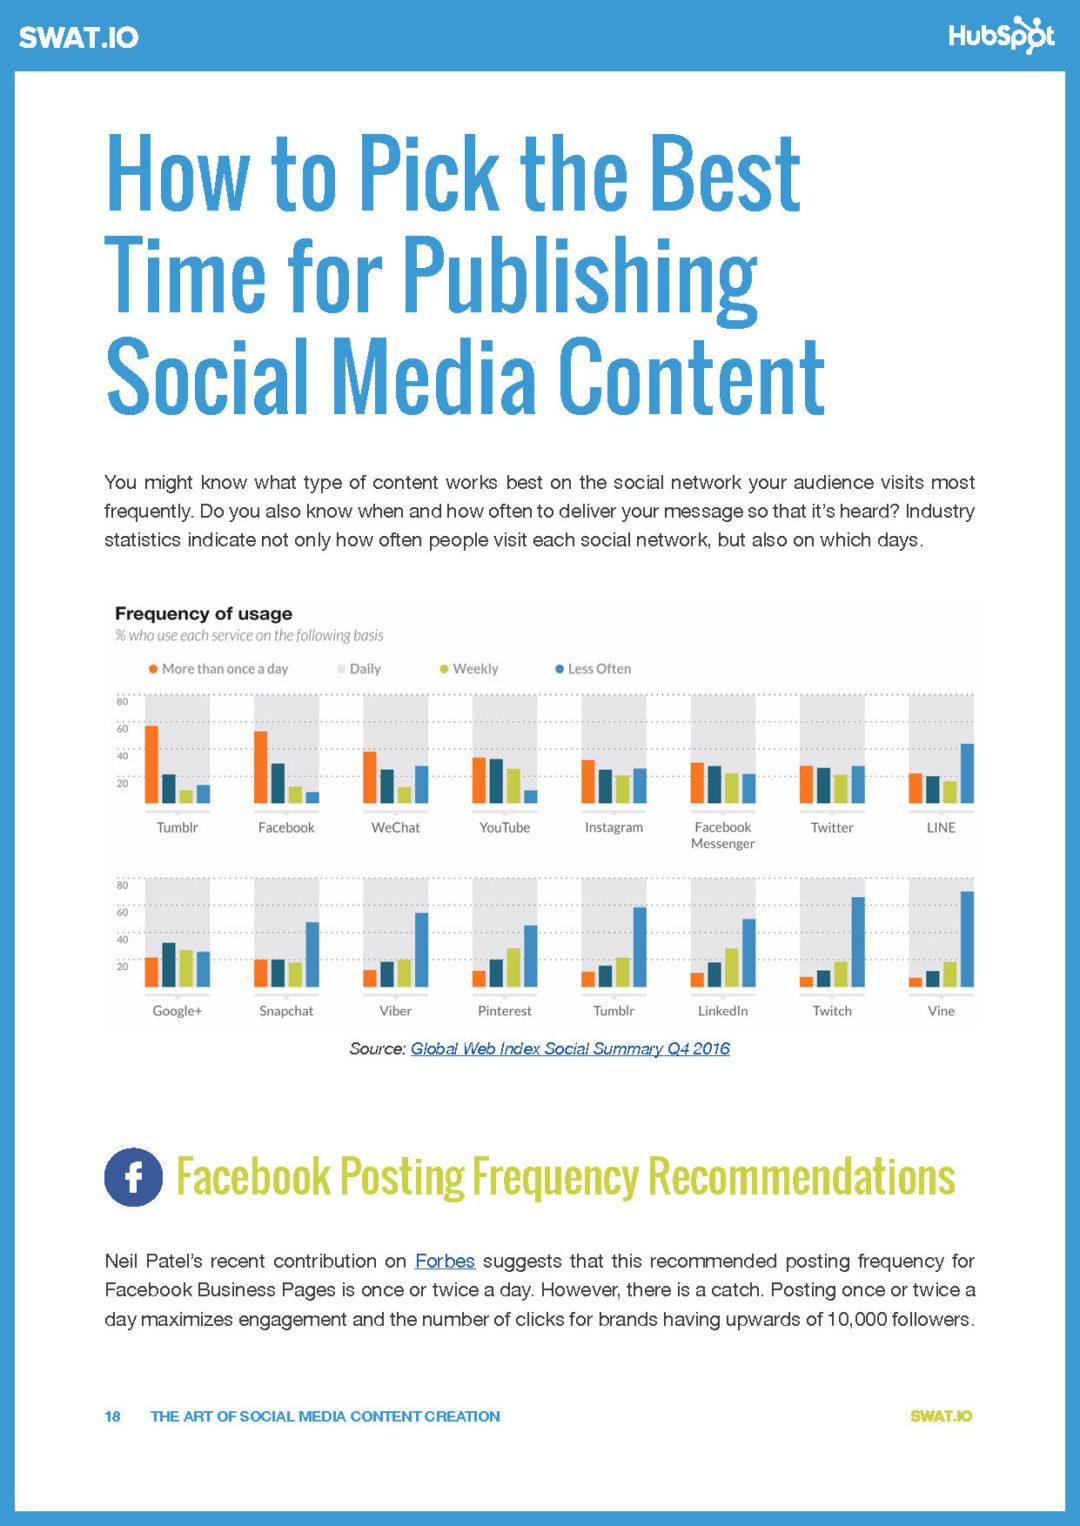 Die Kunst der Social Media Content Kreation 3